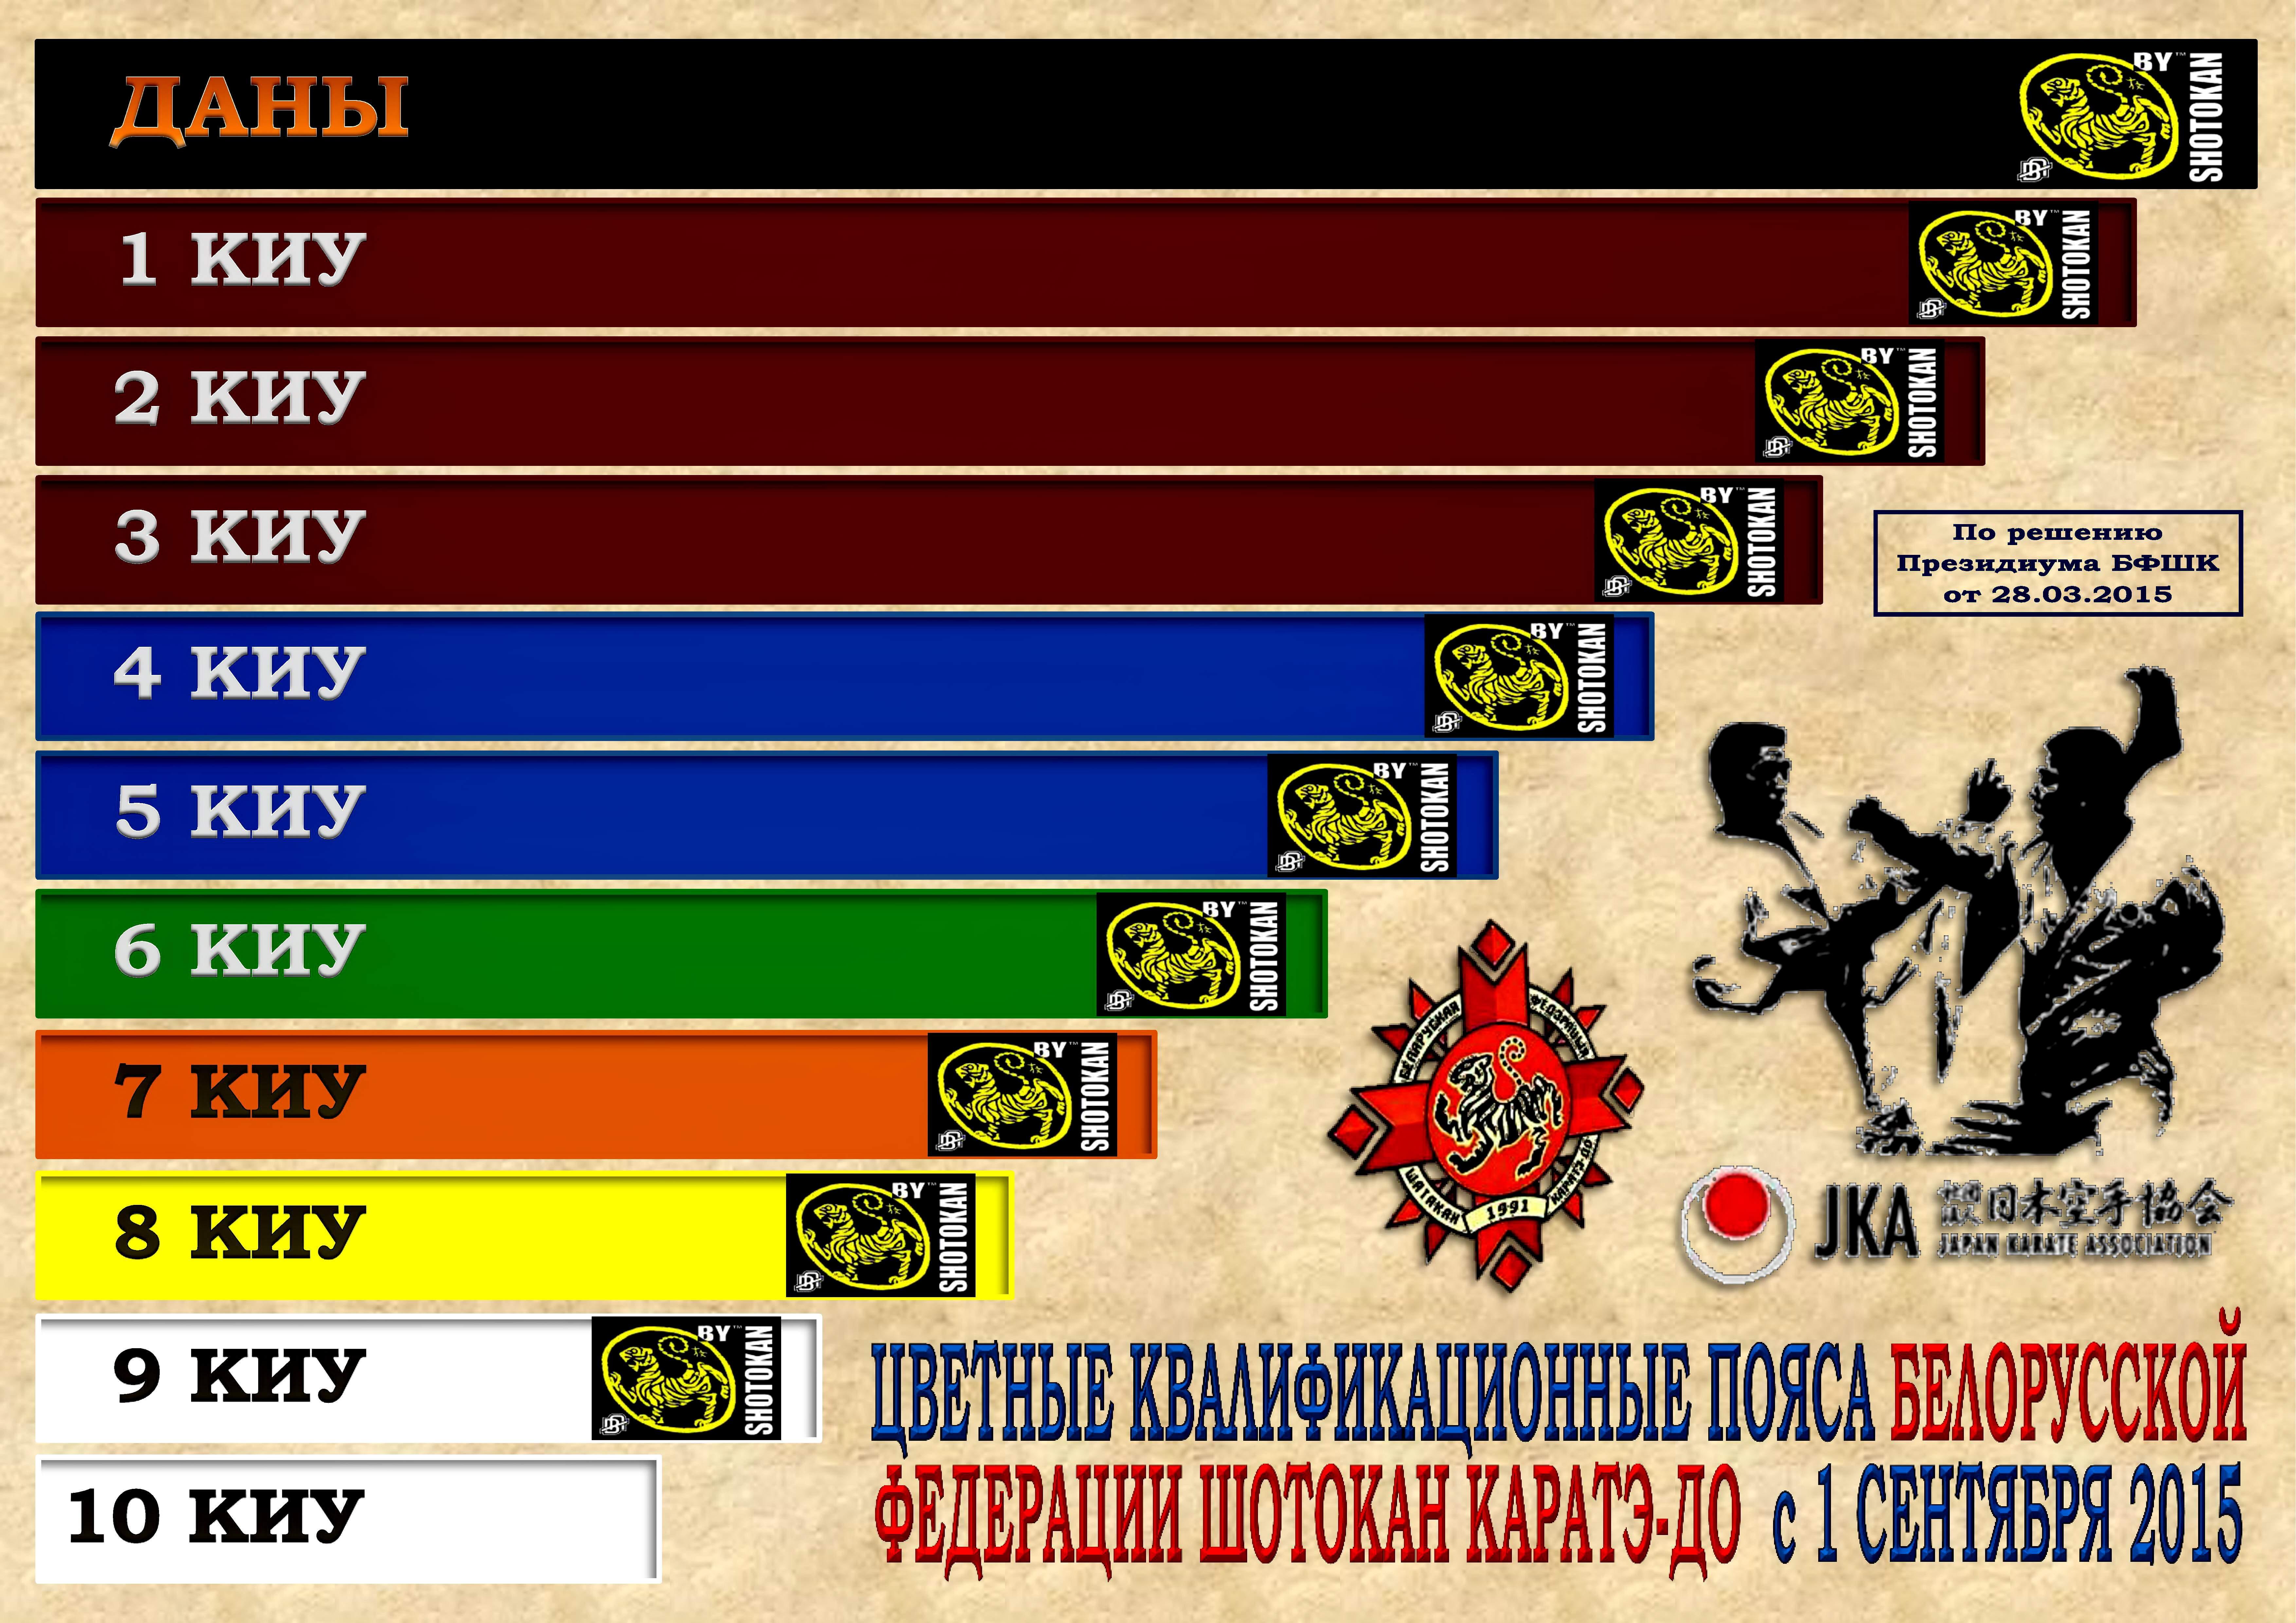 Цветные пояса БФШК с 09-2015